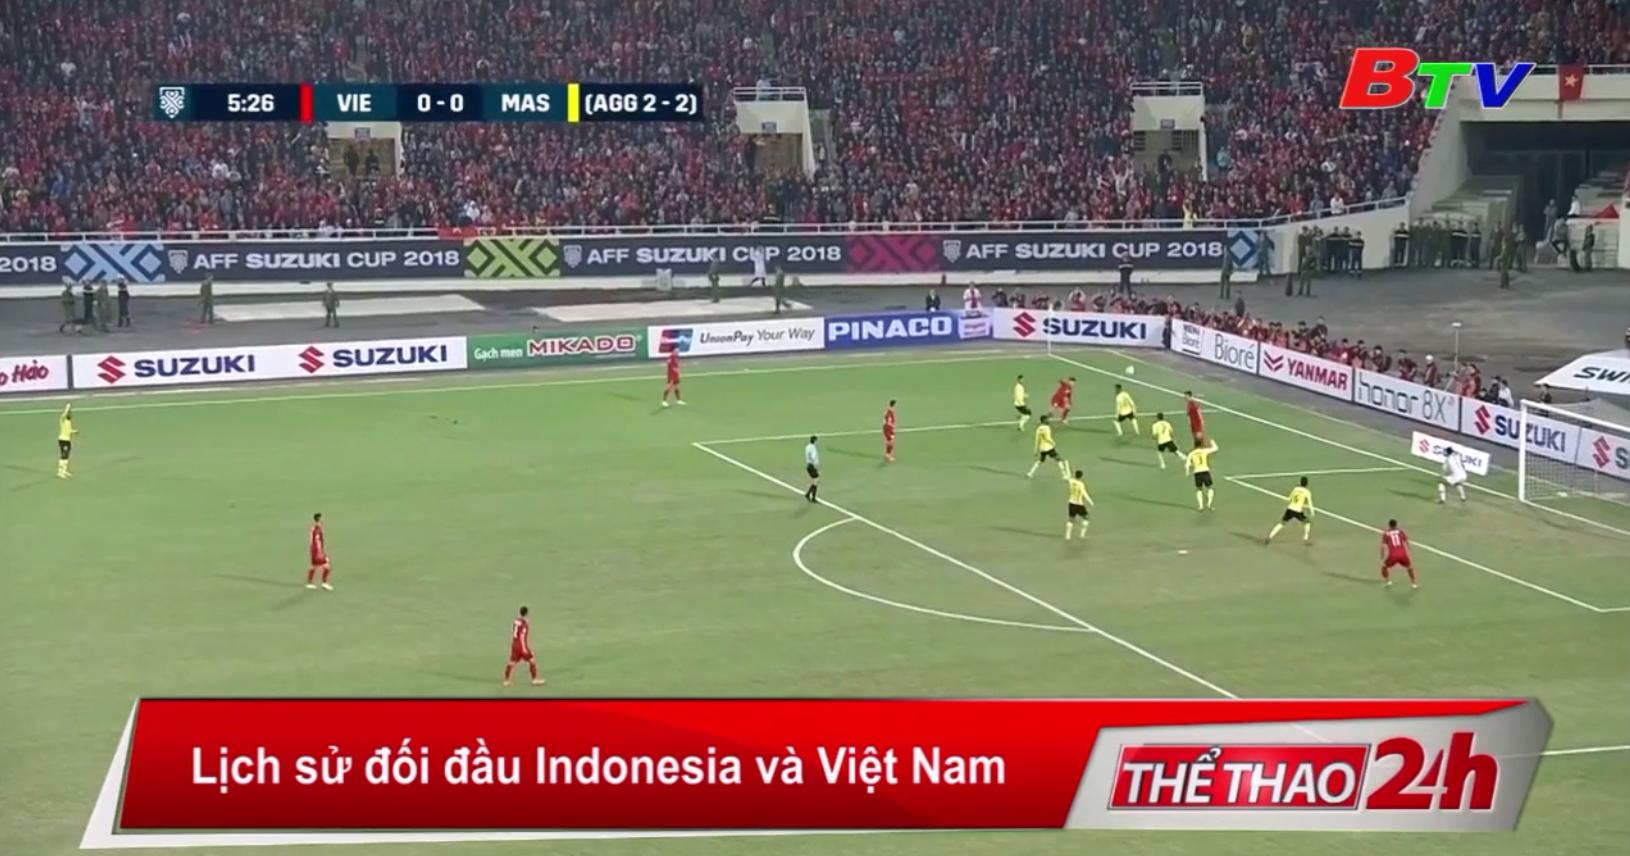 Lịch sử đối đầu giữa ĐT Indonesia và ĐT Việt Nam